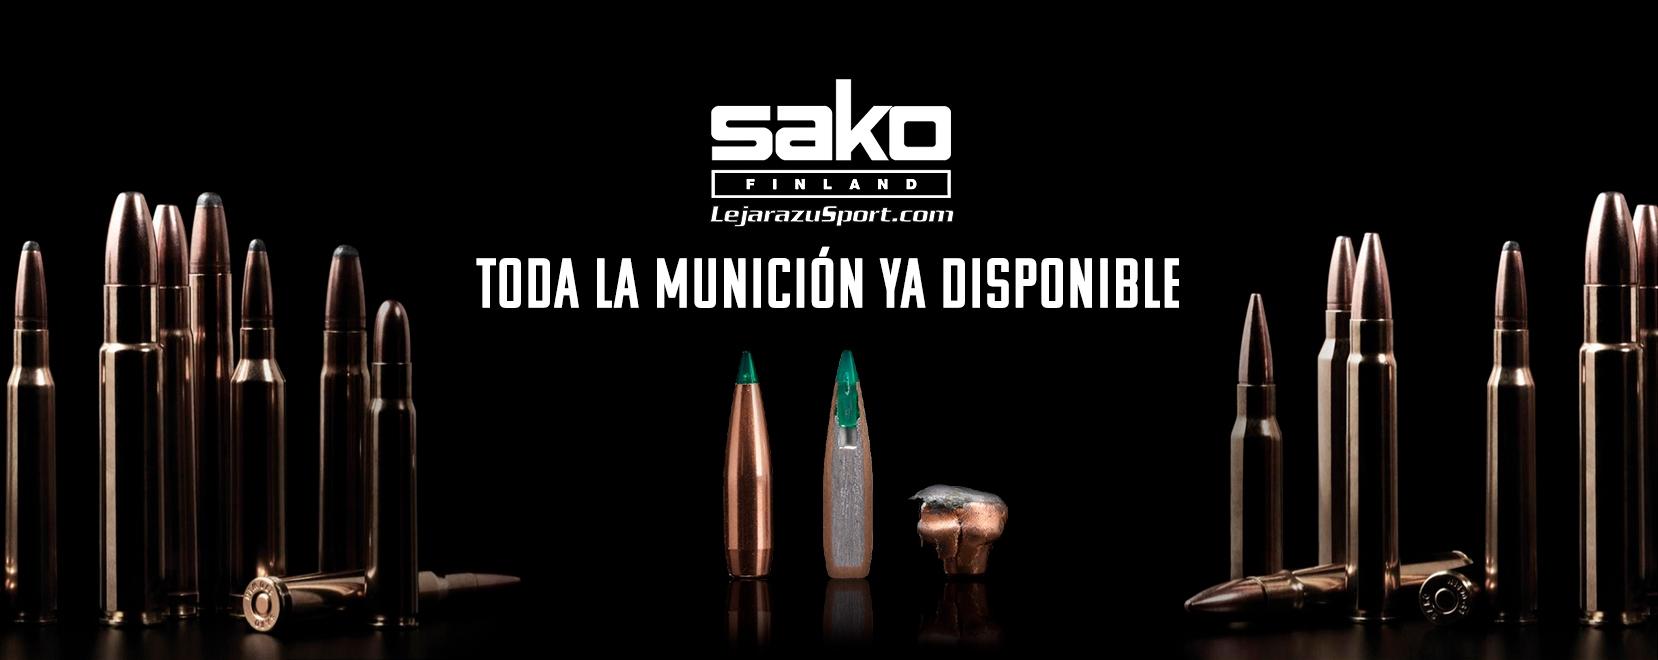 Comprar munición Sako en LejarazuSport.com